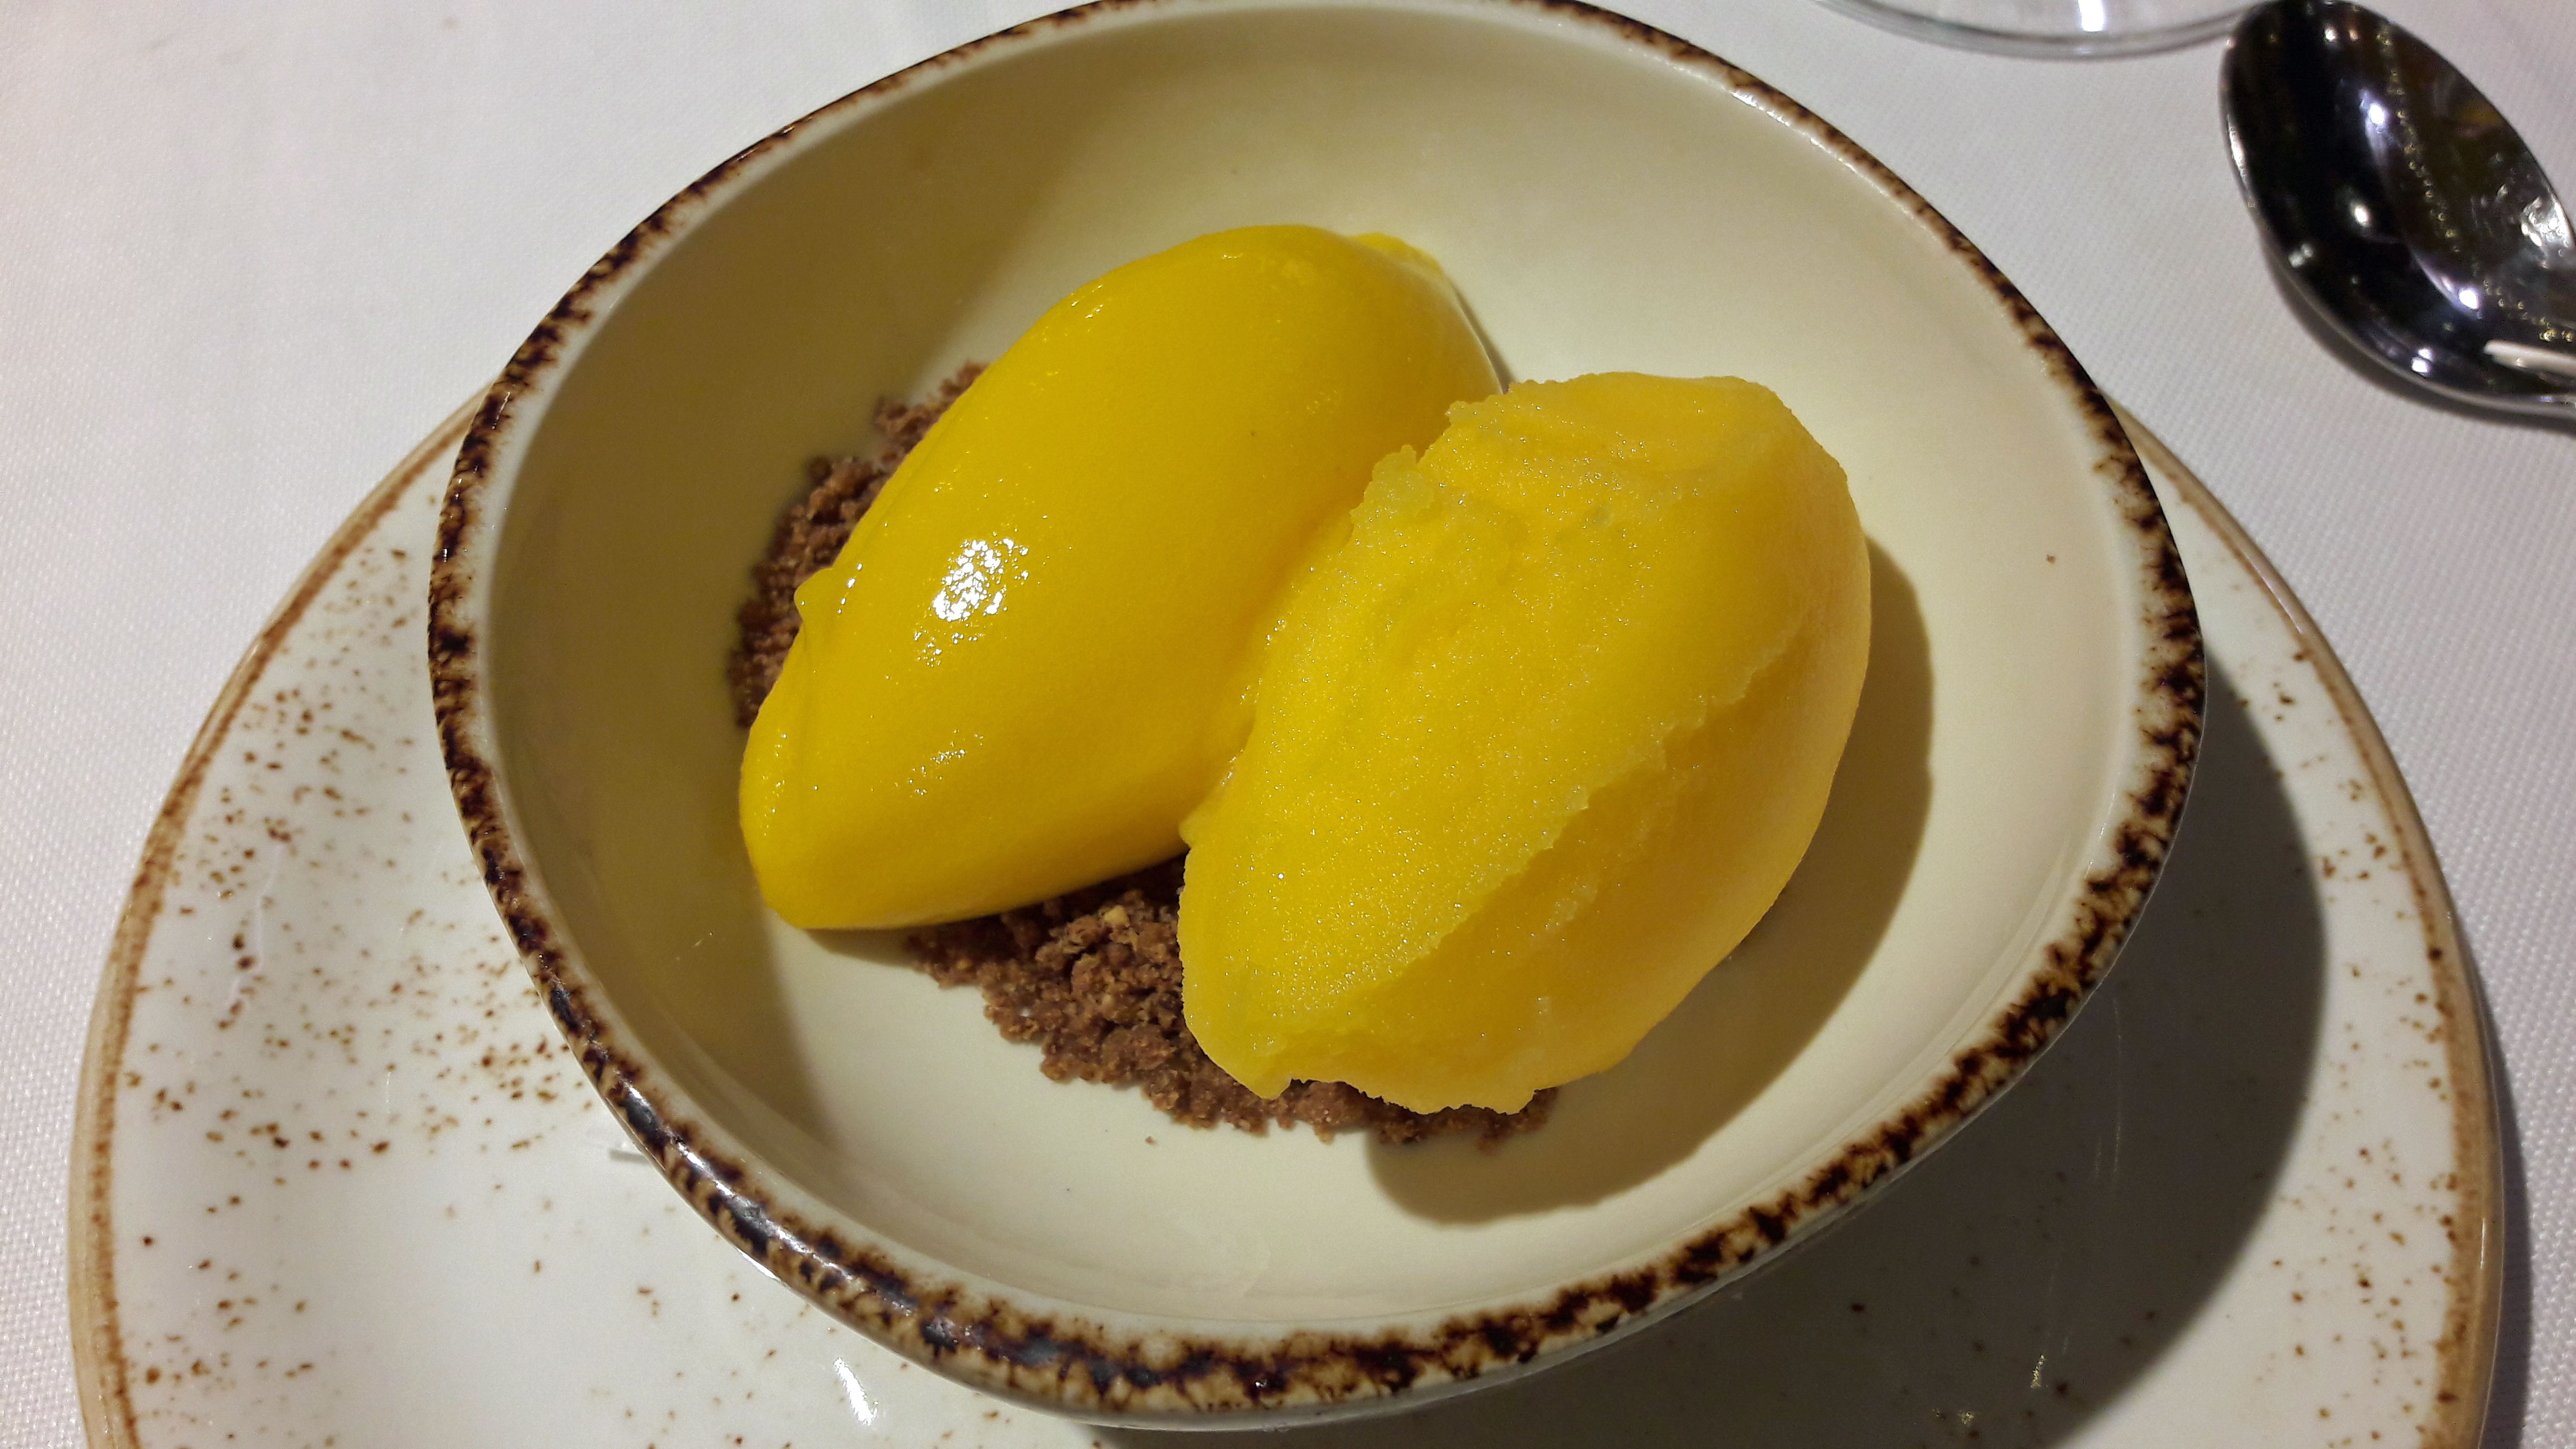 Restaurante en Barcelona Sorbete casero de mango y limón.